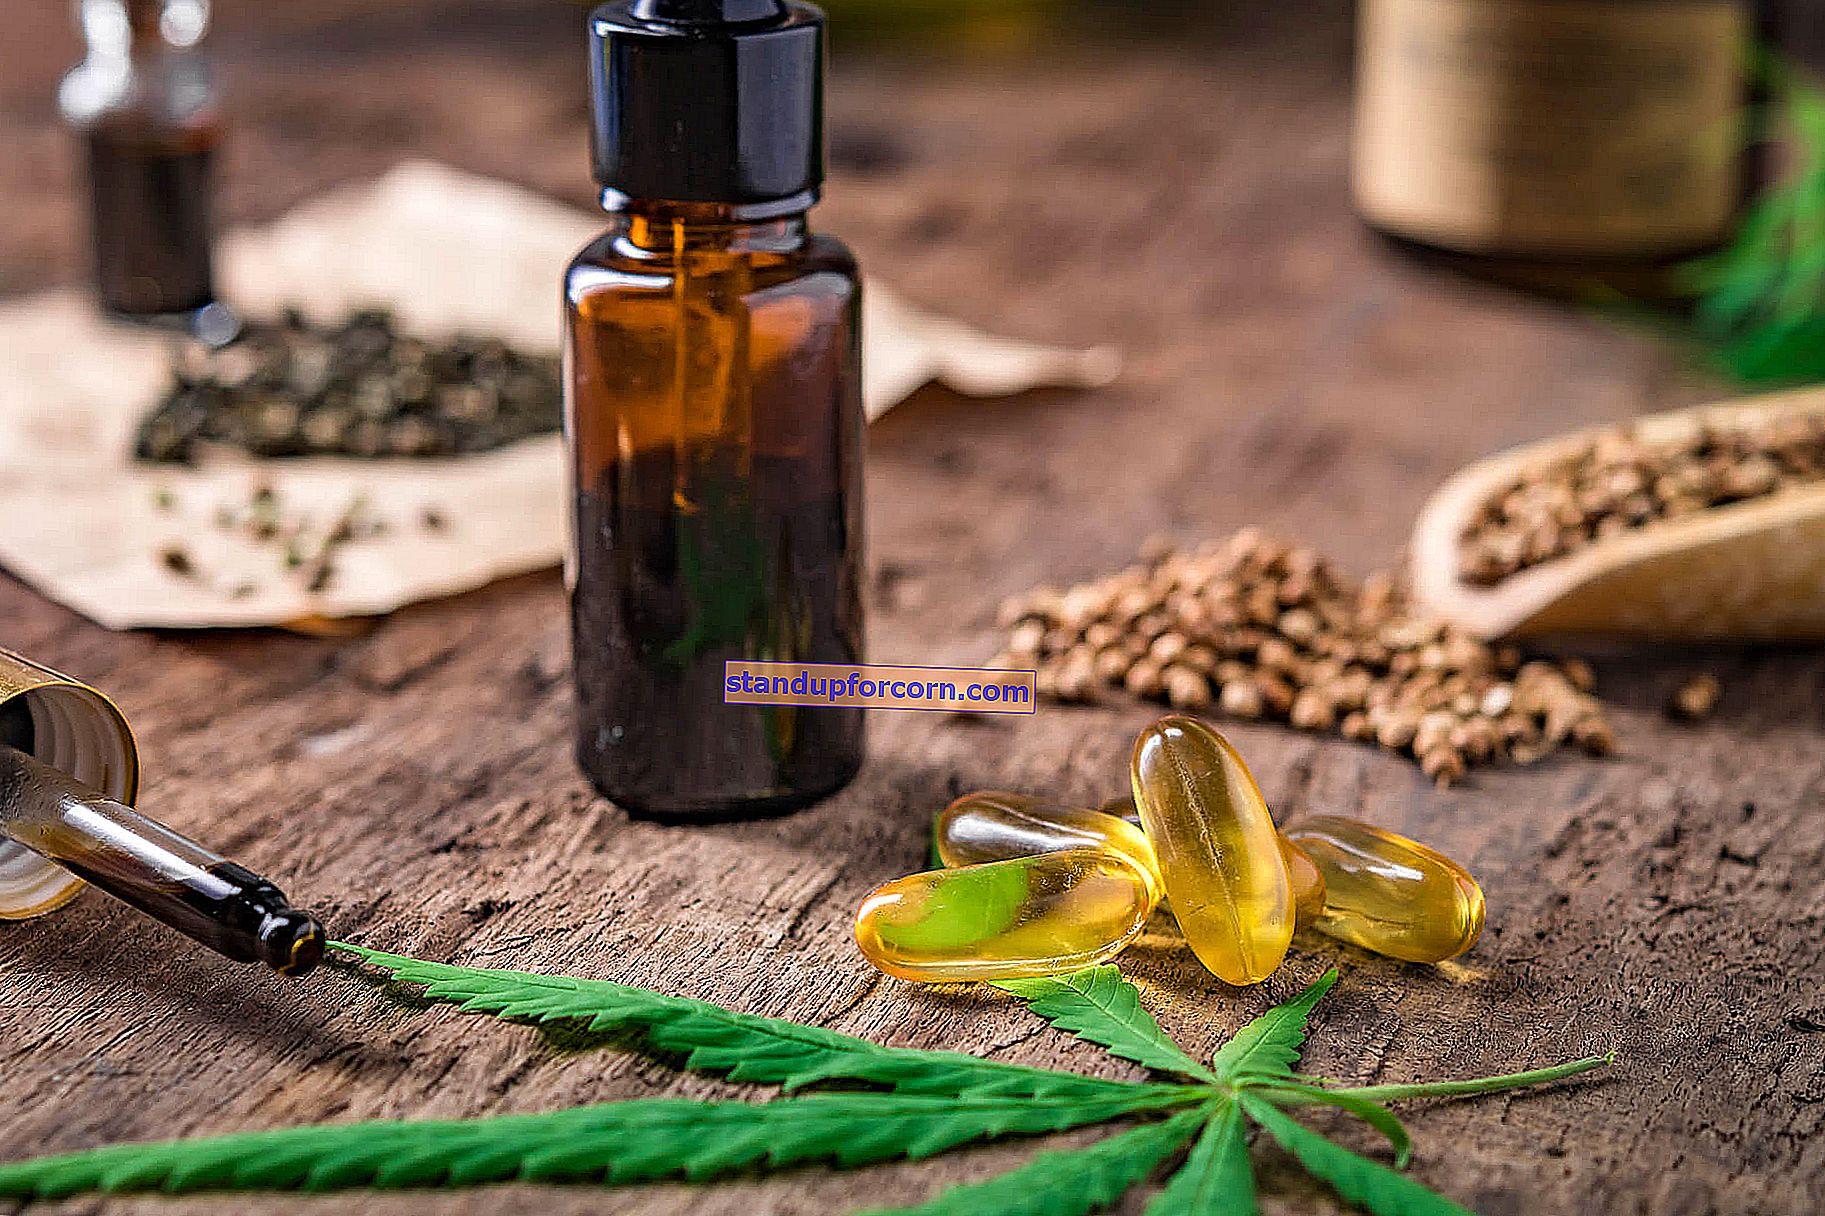 Svart spisskummen - dyrking, bruk i matlaging og medisin